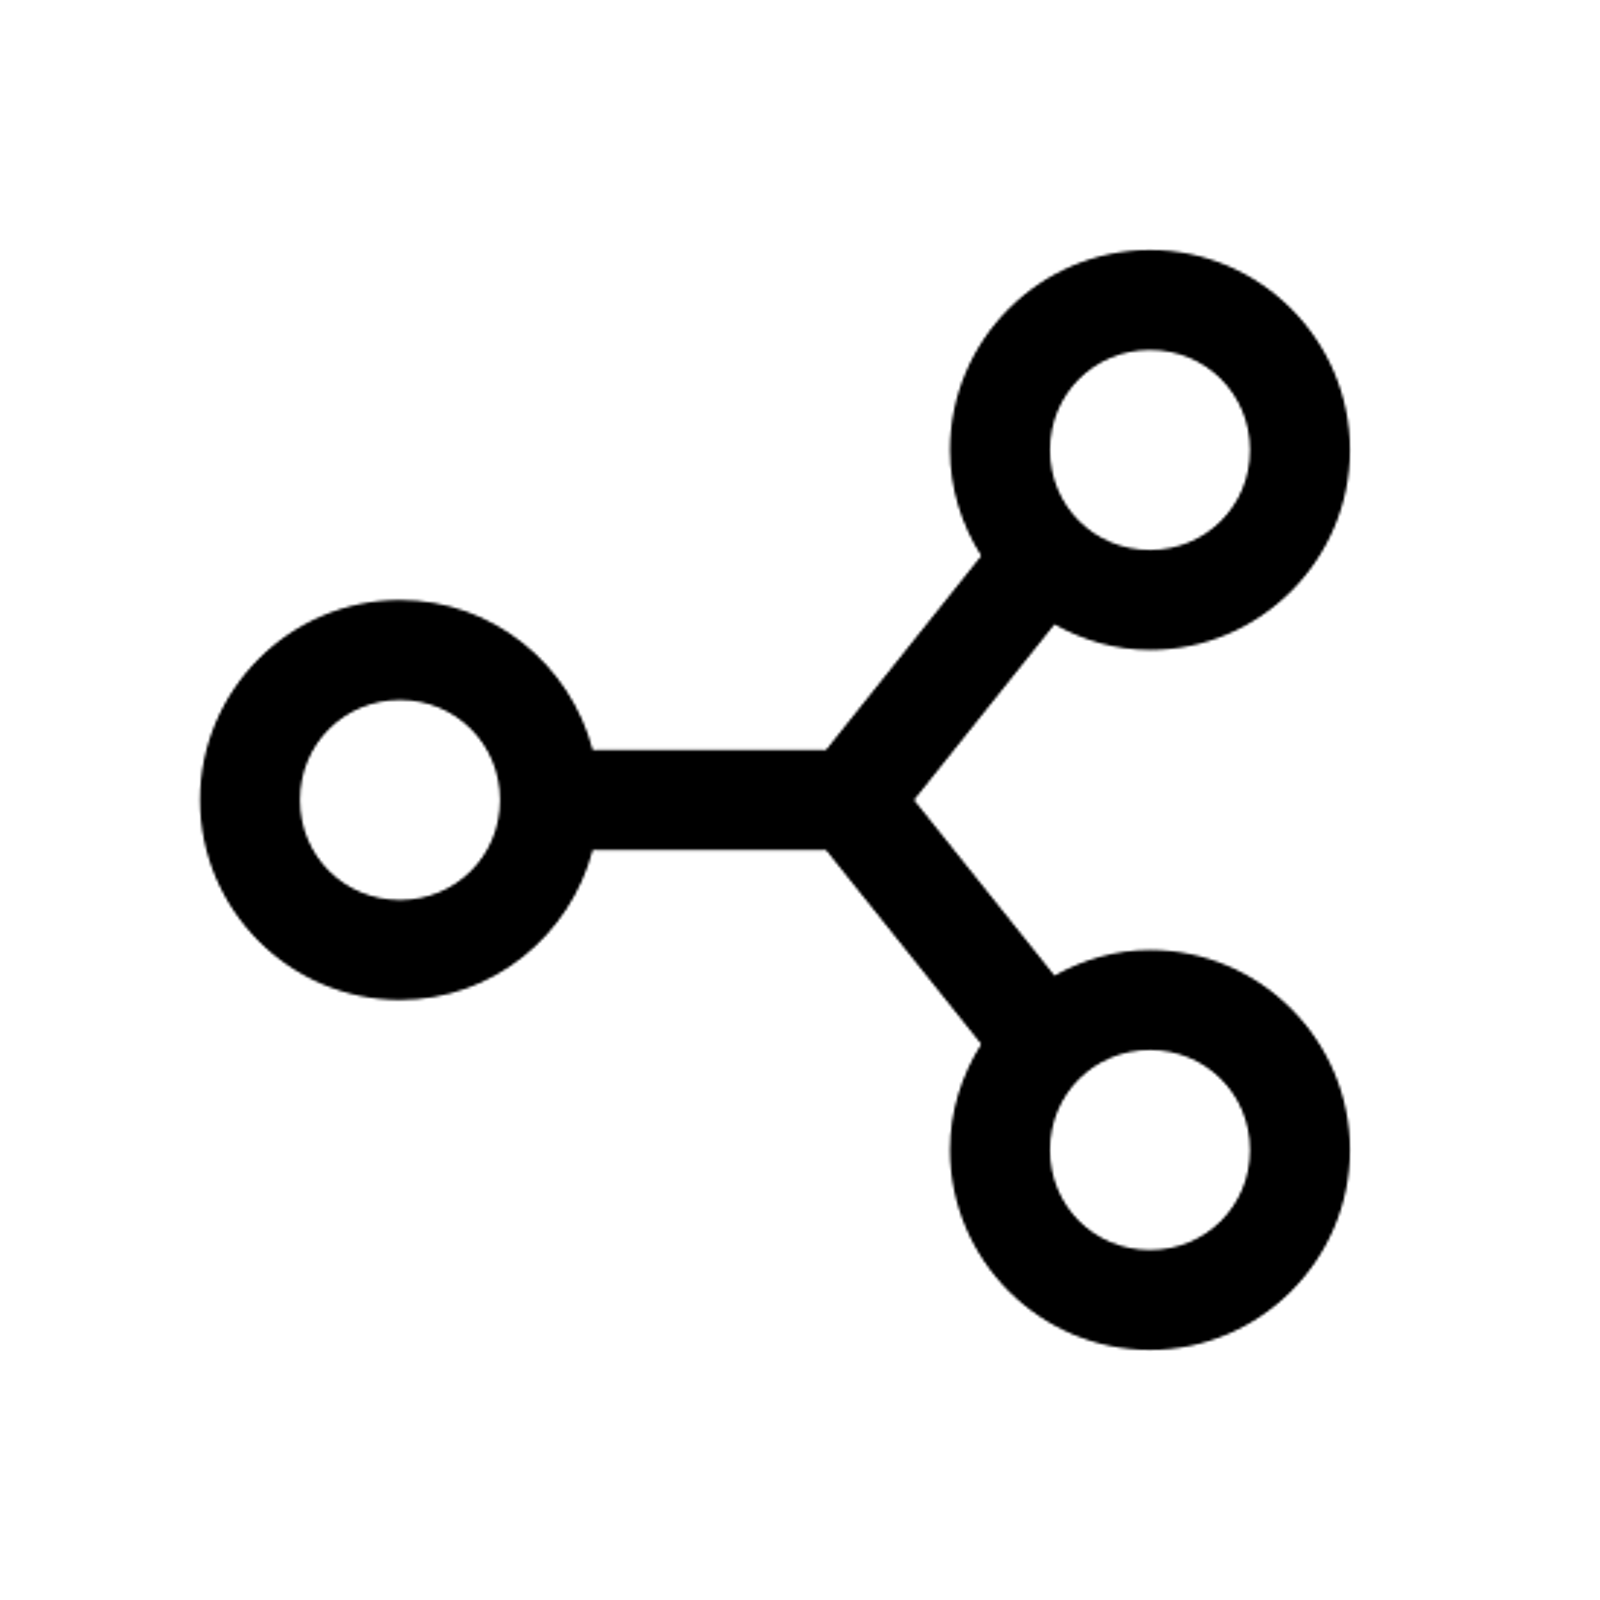 Compartir 2 icon